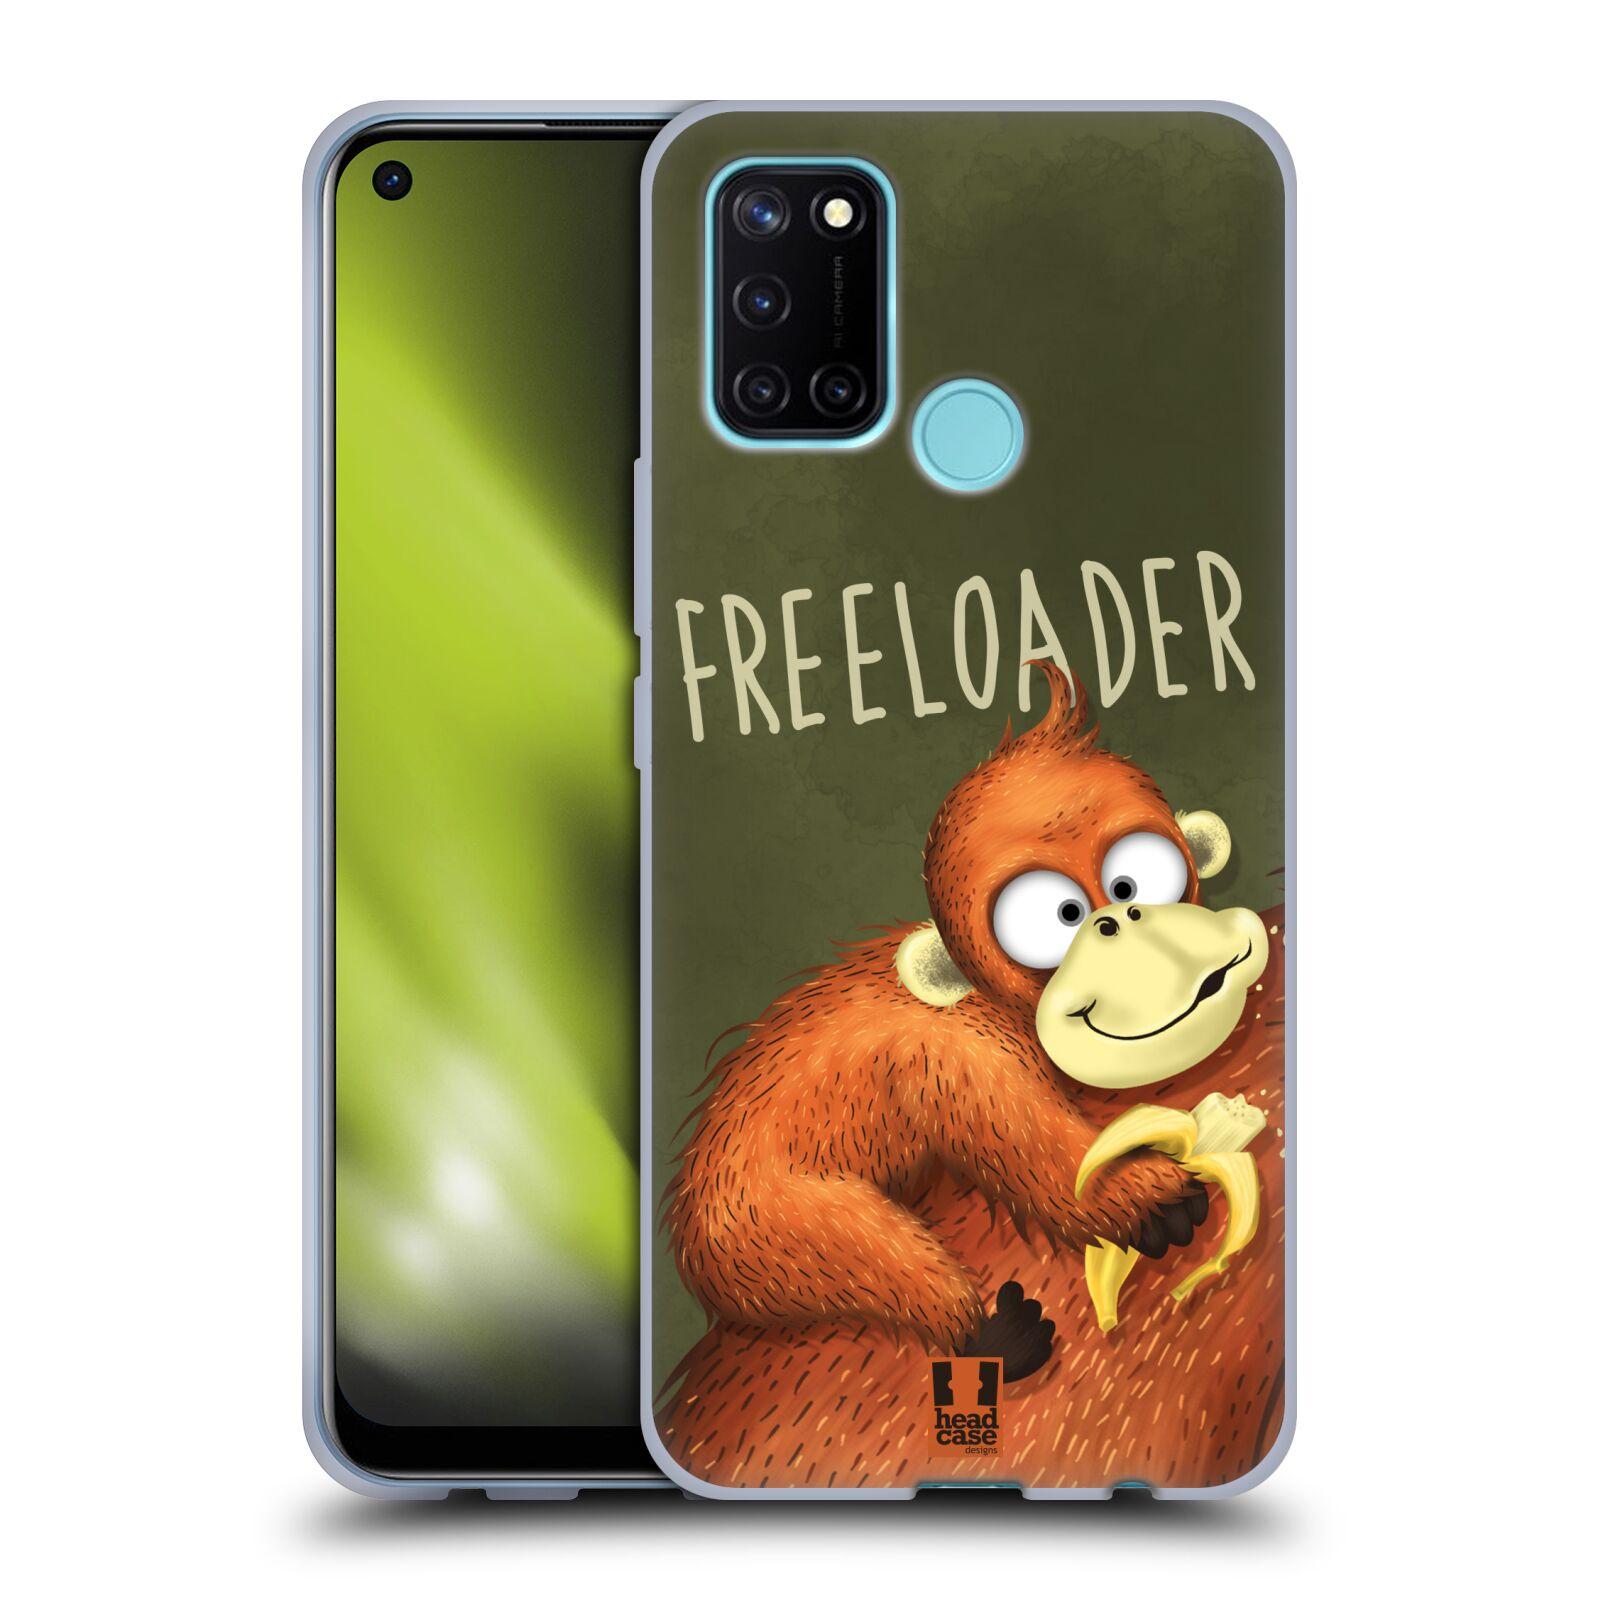 Silikonové pouzdro na mobil Realme 7i - Head Case - Opičák Freeloader